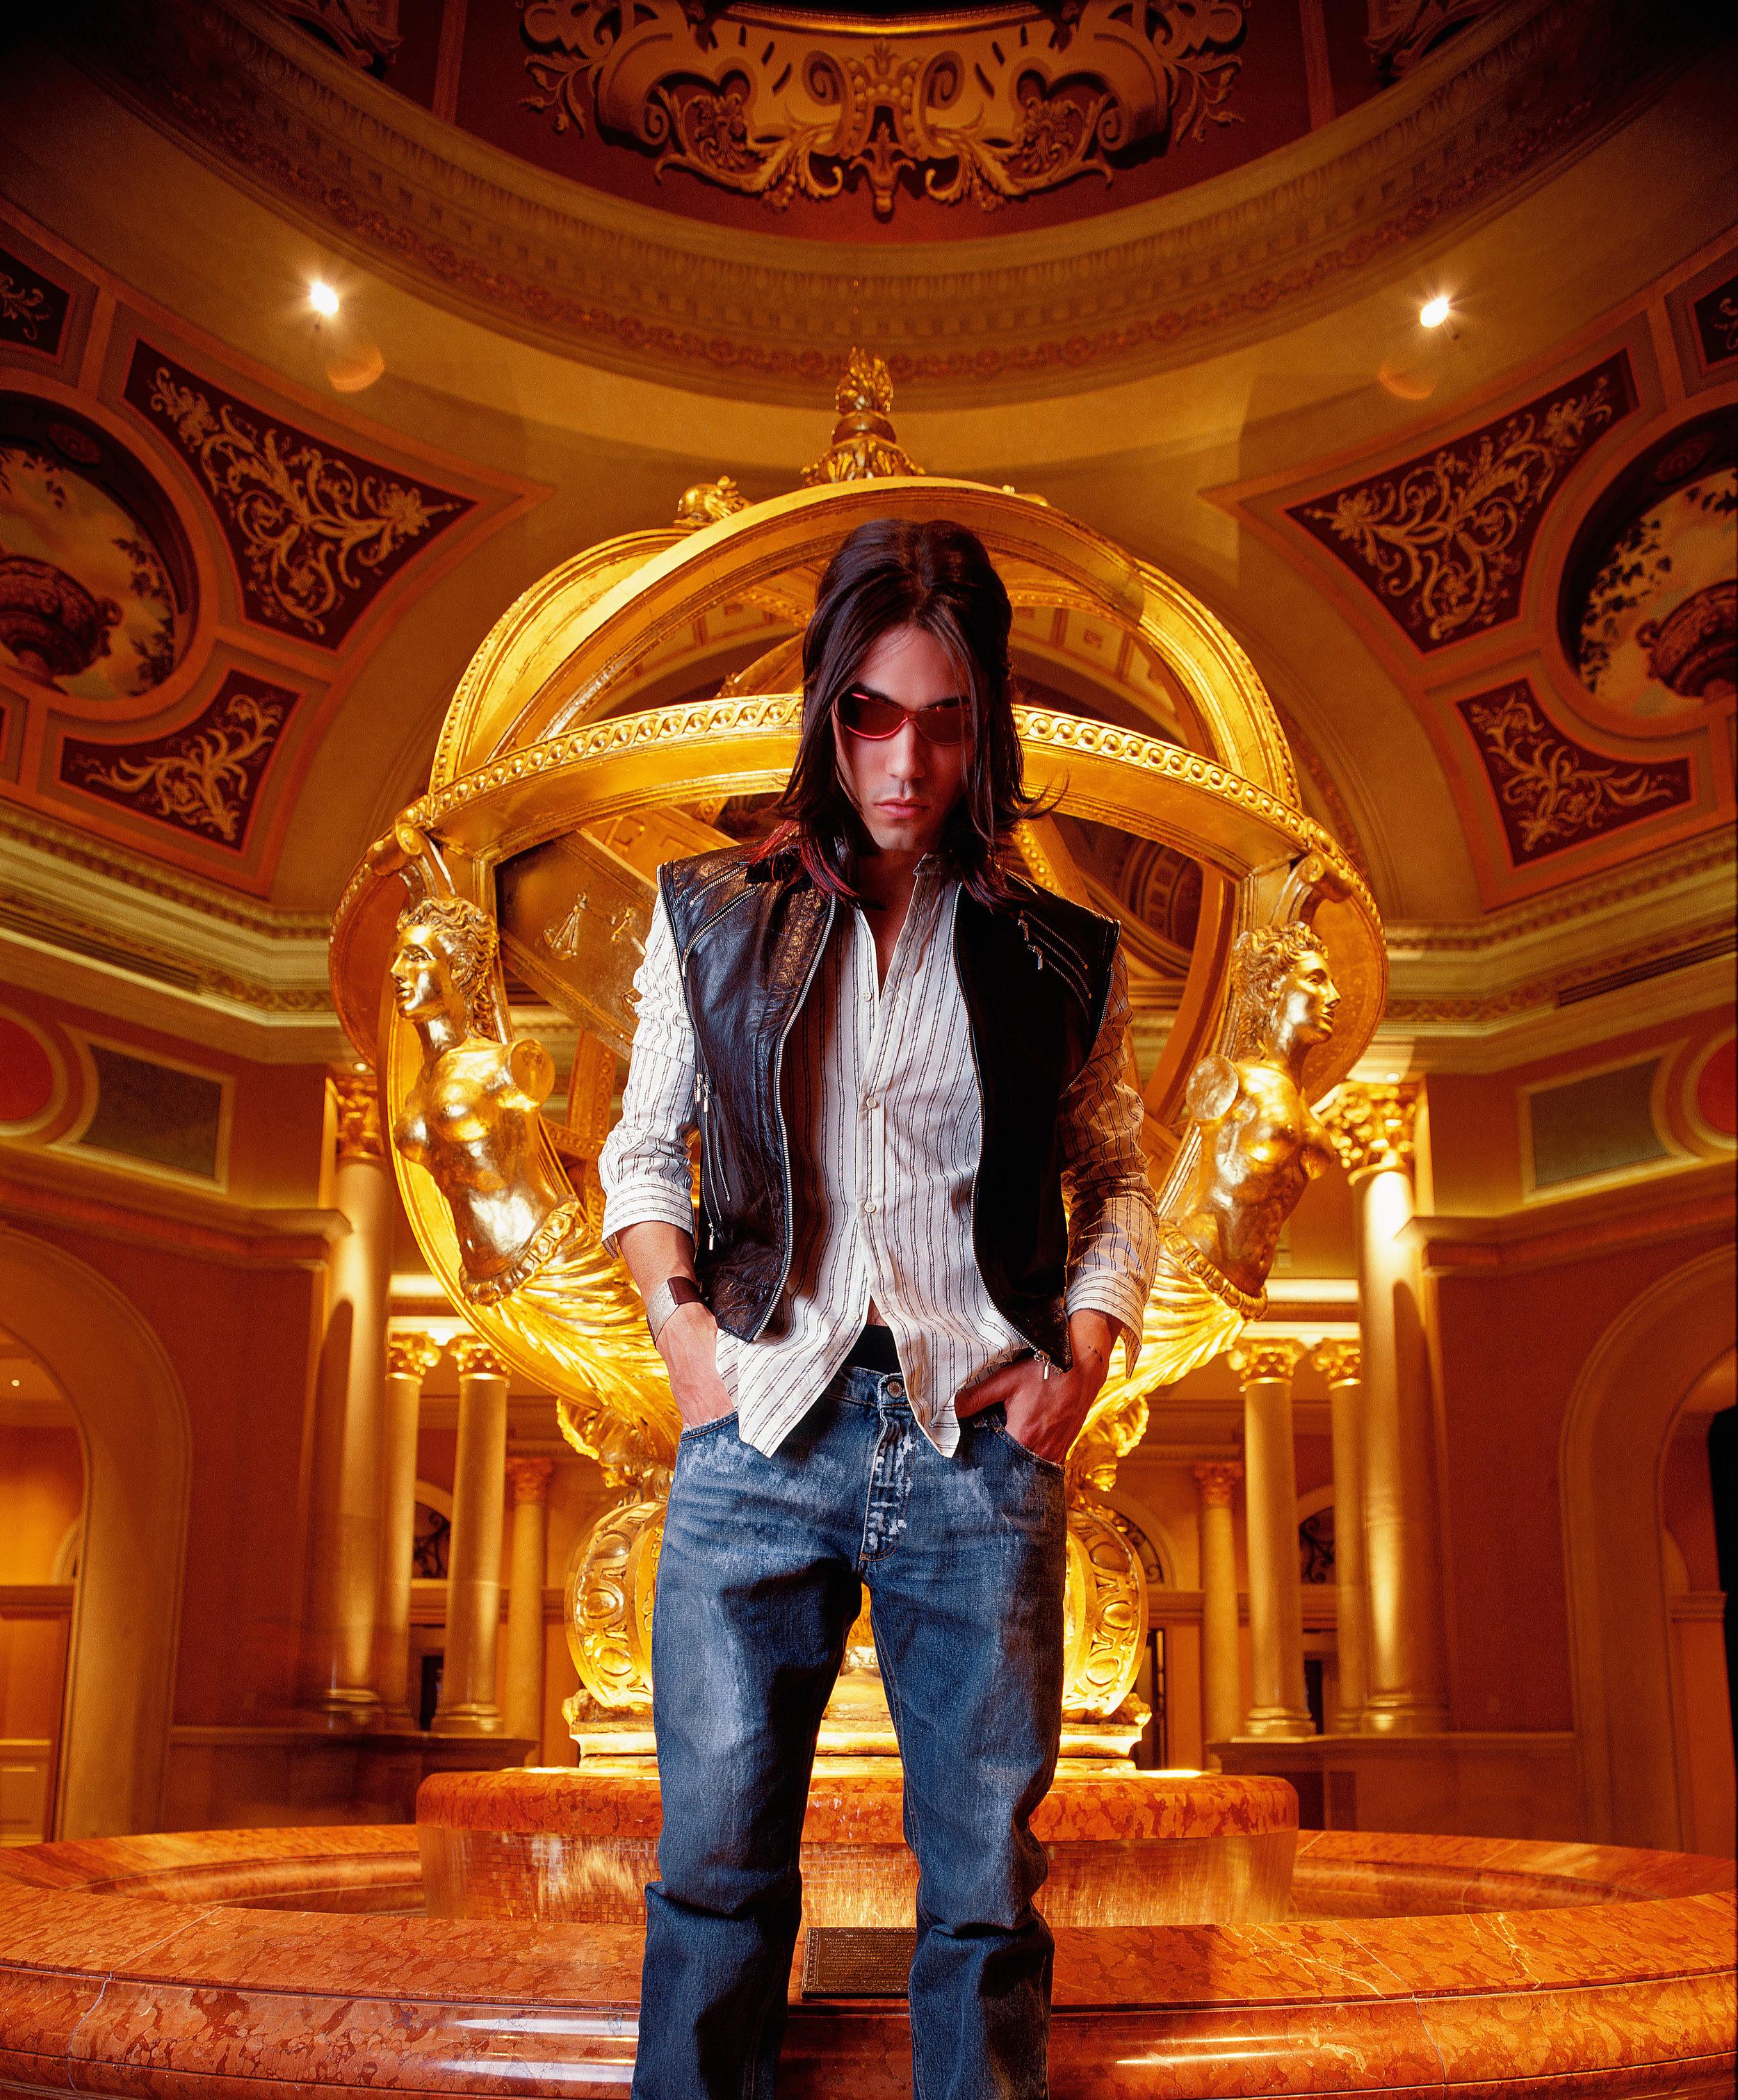 Fountain_usm_v3-SS_4300px-4k.jpg